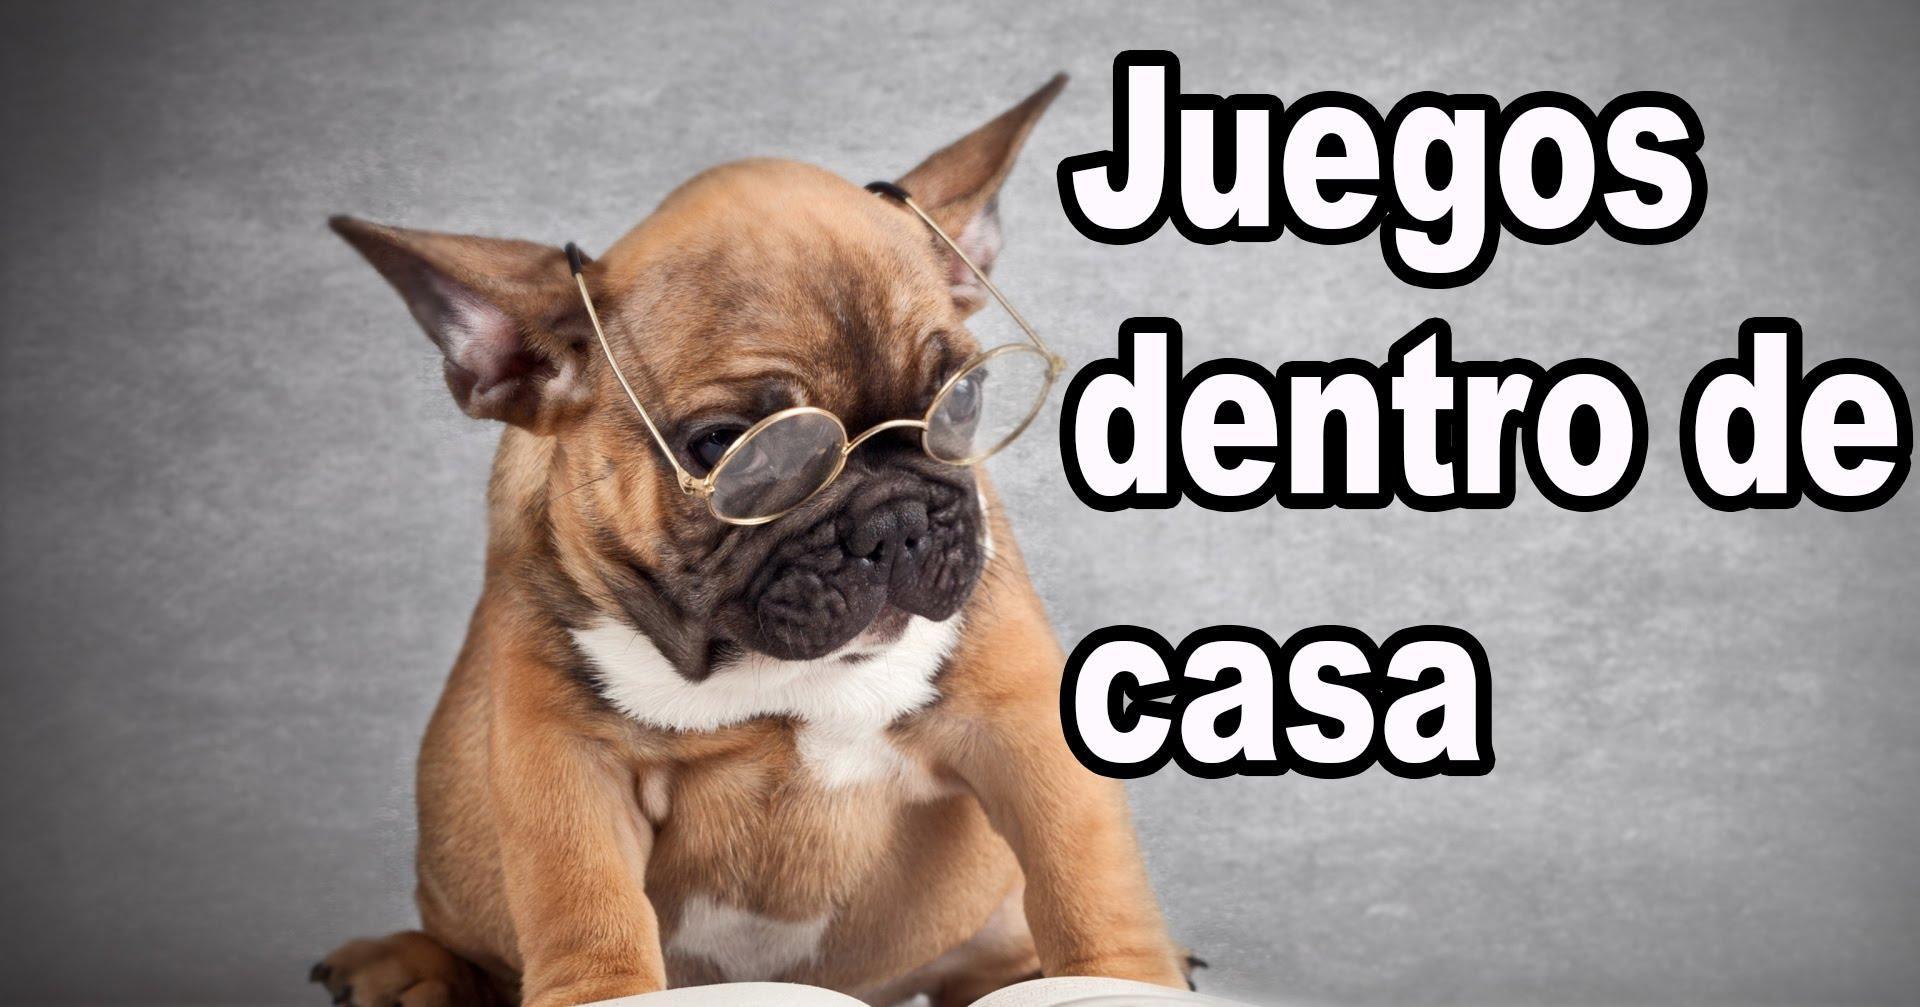 La Importancia Del Juego Para Los Perros Quieres Ver Algunos Ejemplos Juegos Perros Perros Bulldogs Franceses